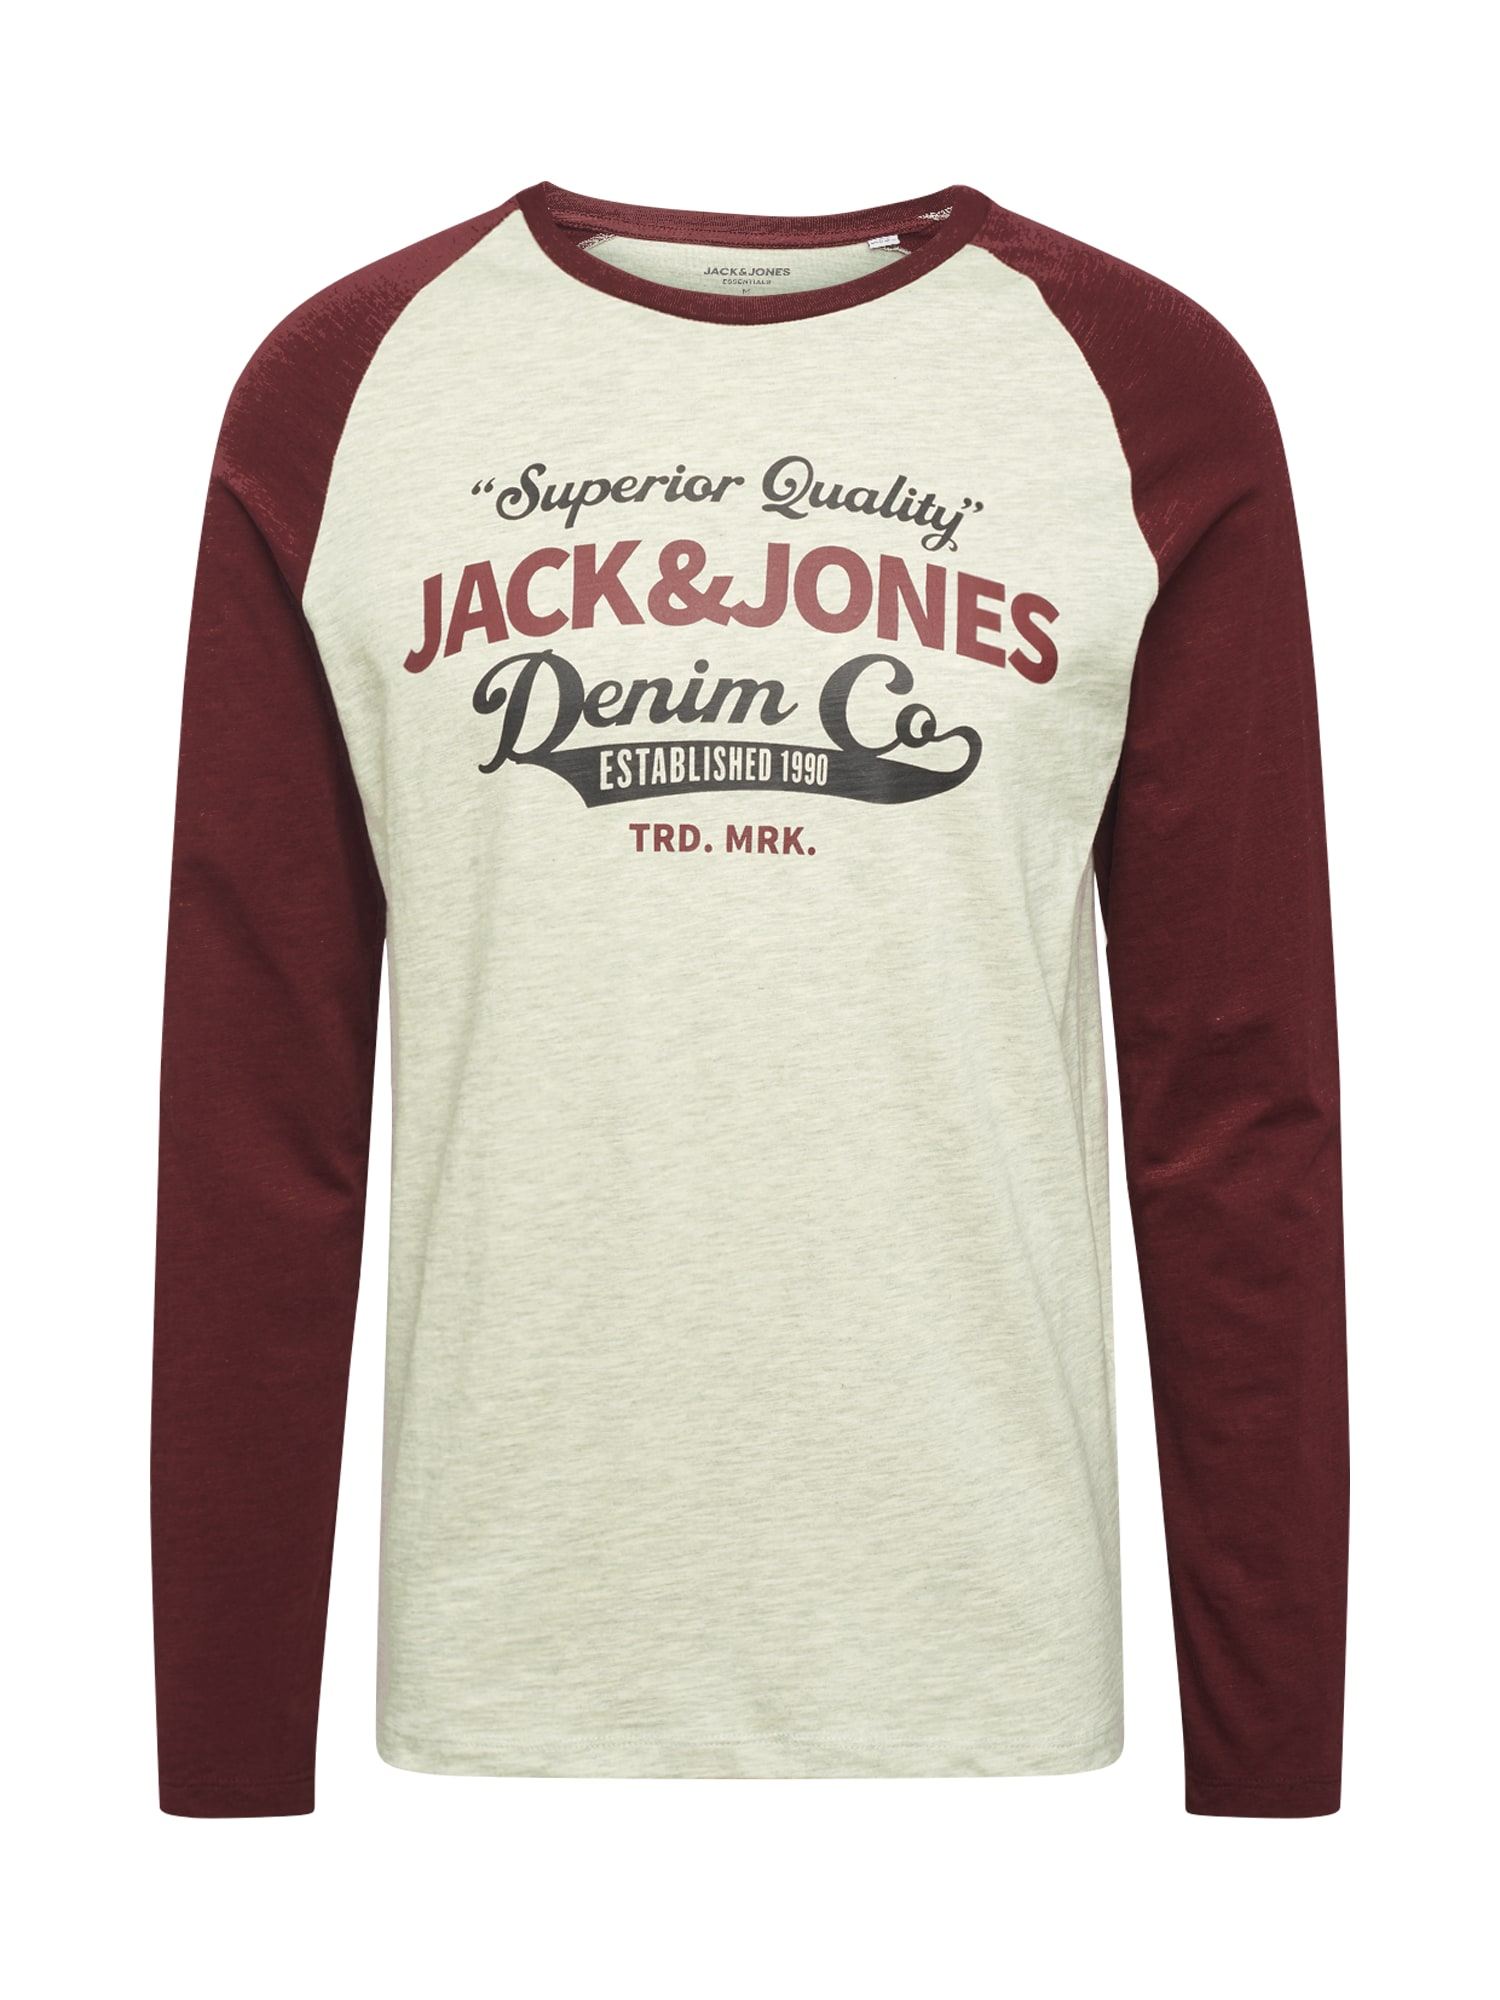 JACK & JONES Marškinėliai smėlio / vyno raudona spalva